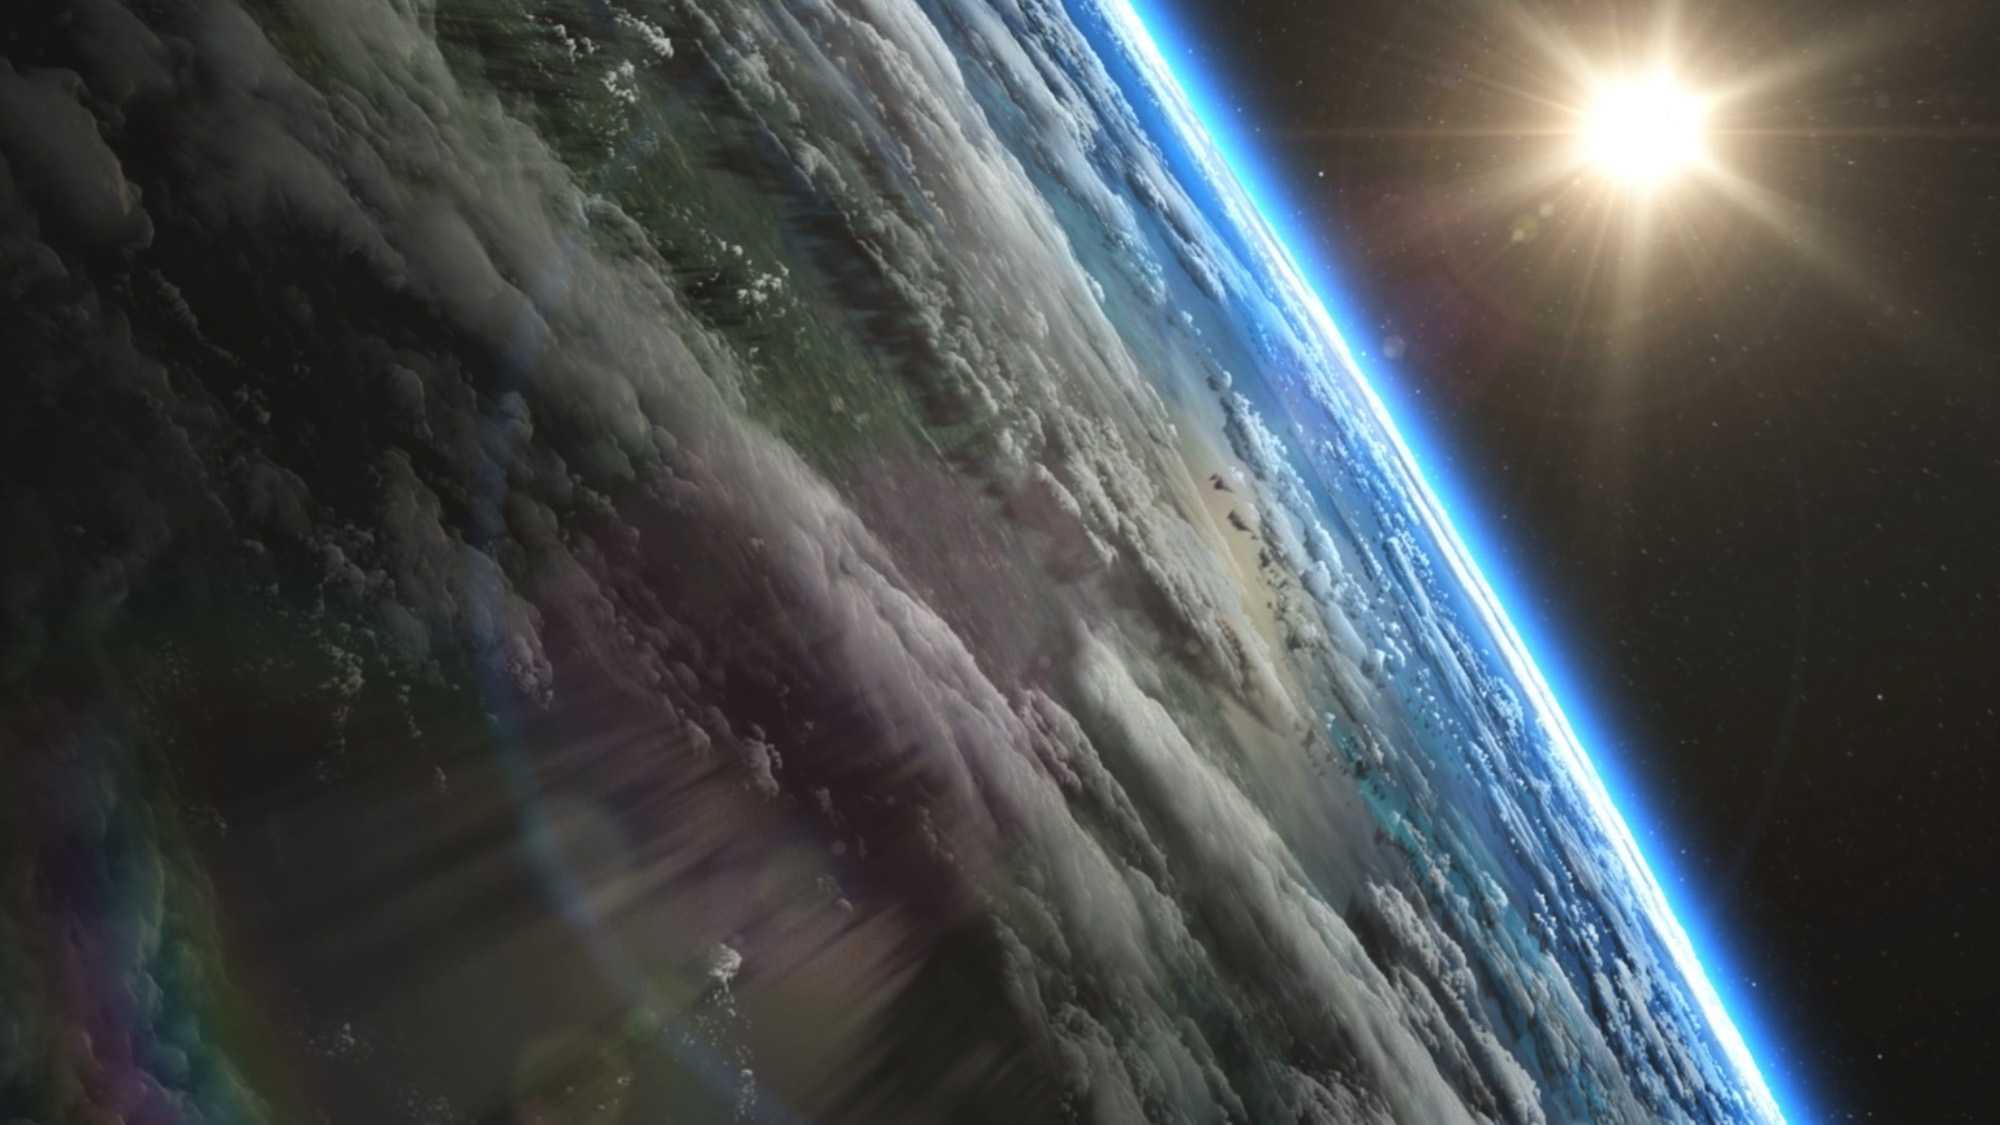 Das Bild zeigt die Weltkugel. Diese wurde aus dem Weltall aufgenommen. Auf der rechten Ecke des Bildes ist die Sonne zu erkennen. Das Bild dient als Sliderbild für den Portfolioeintrag Munich Aerospace Imagefilm von Panda Pictures.